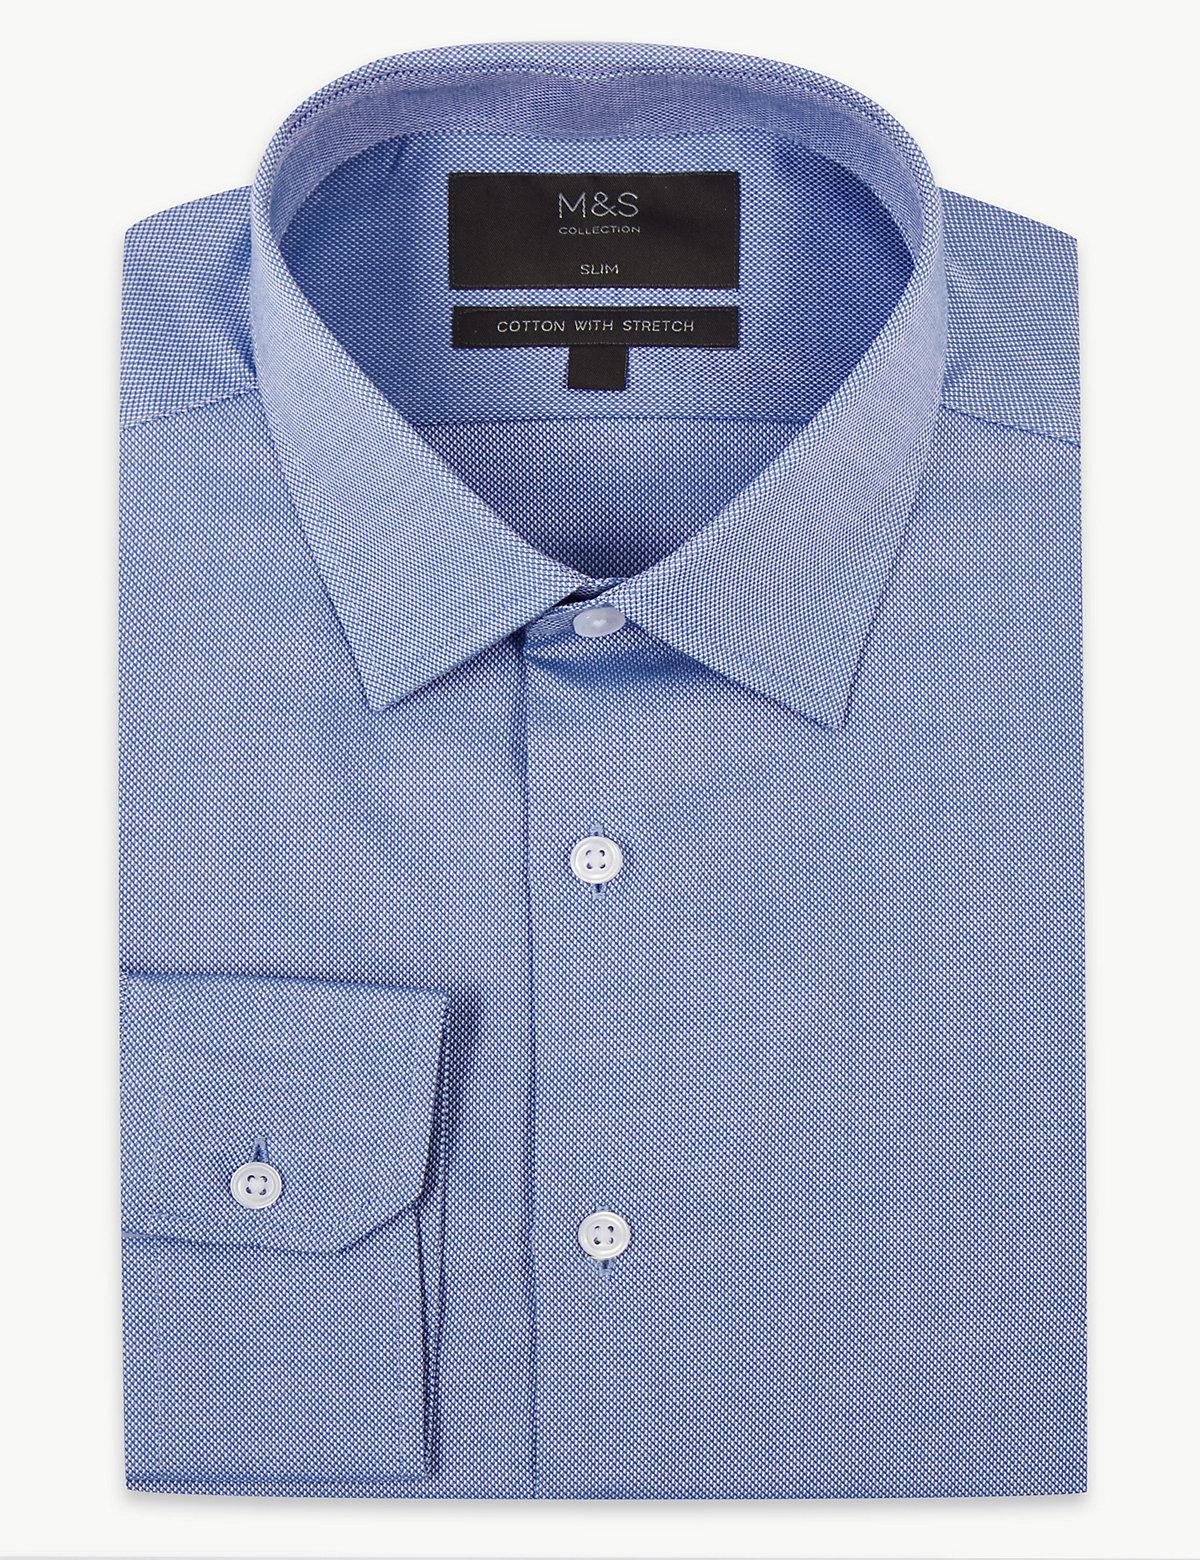 Эластичная мужская рубашка из натурального хлопка